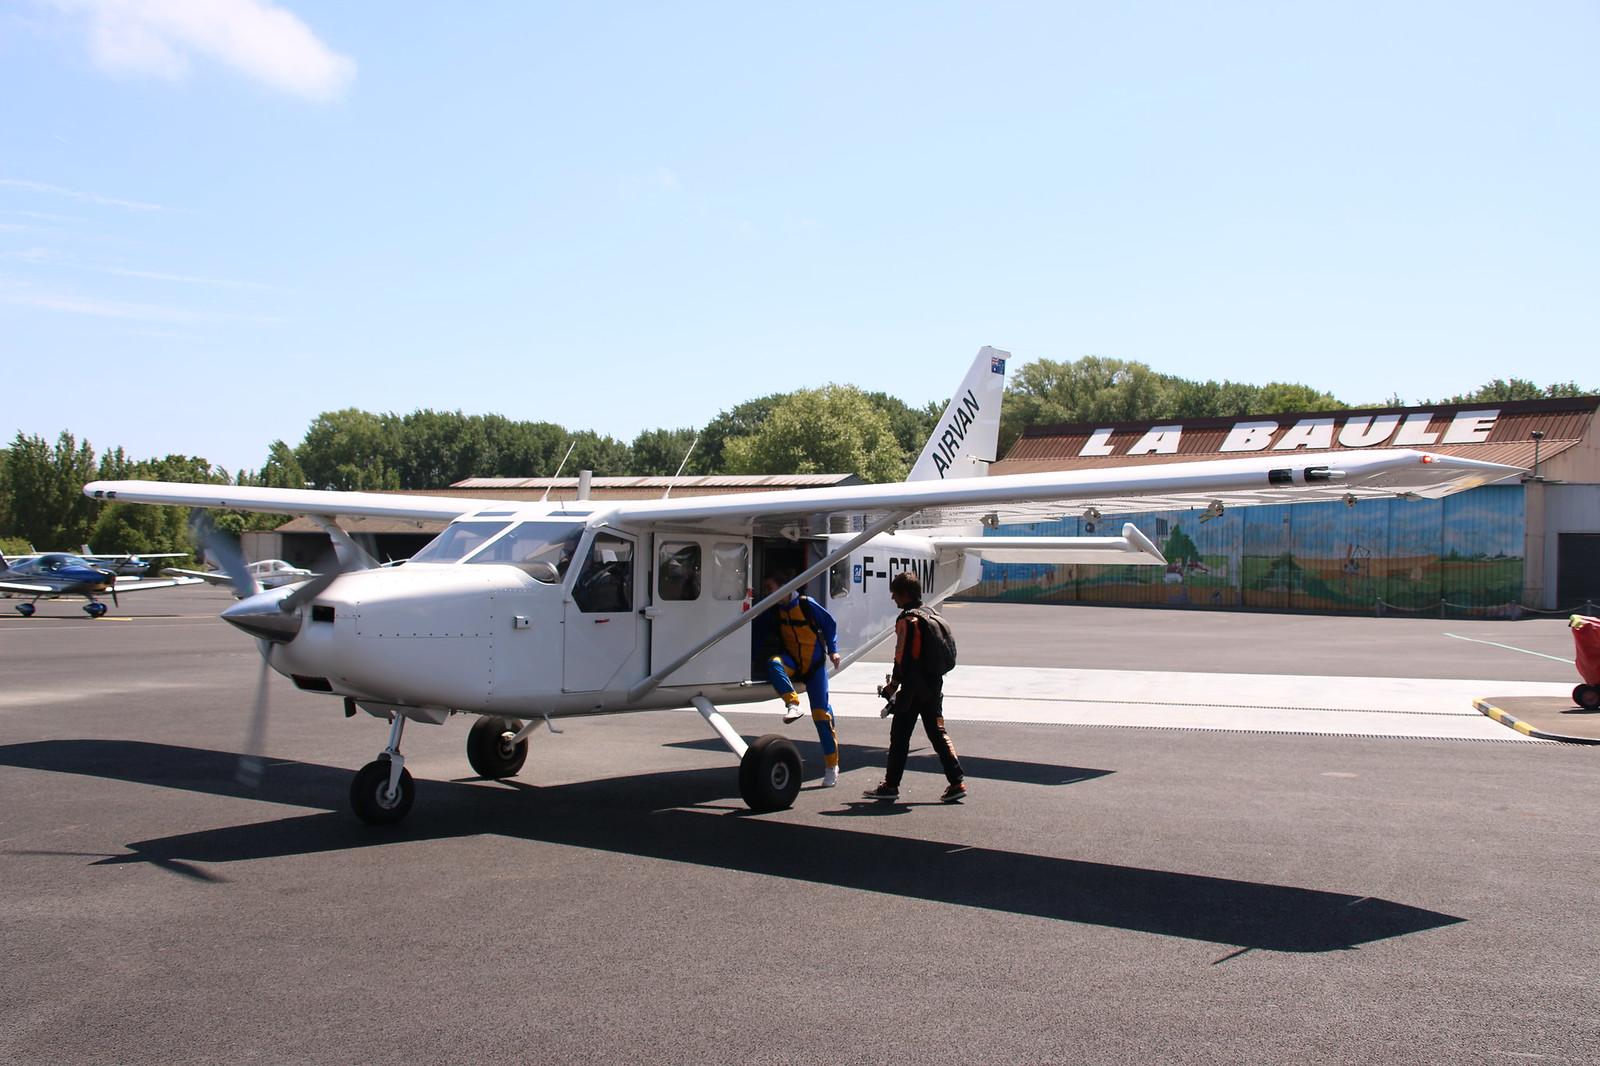 Aérodrome de La Baule Escoublac - Page 3 34407391420_06fa5adc70_h